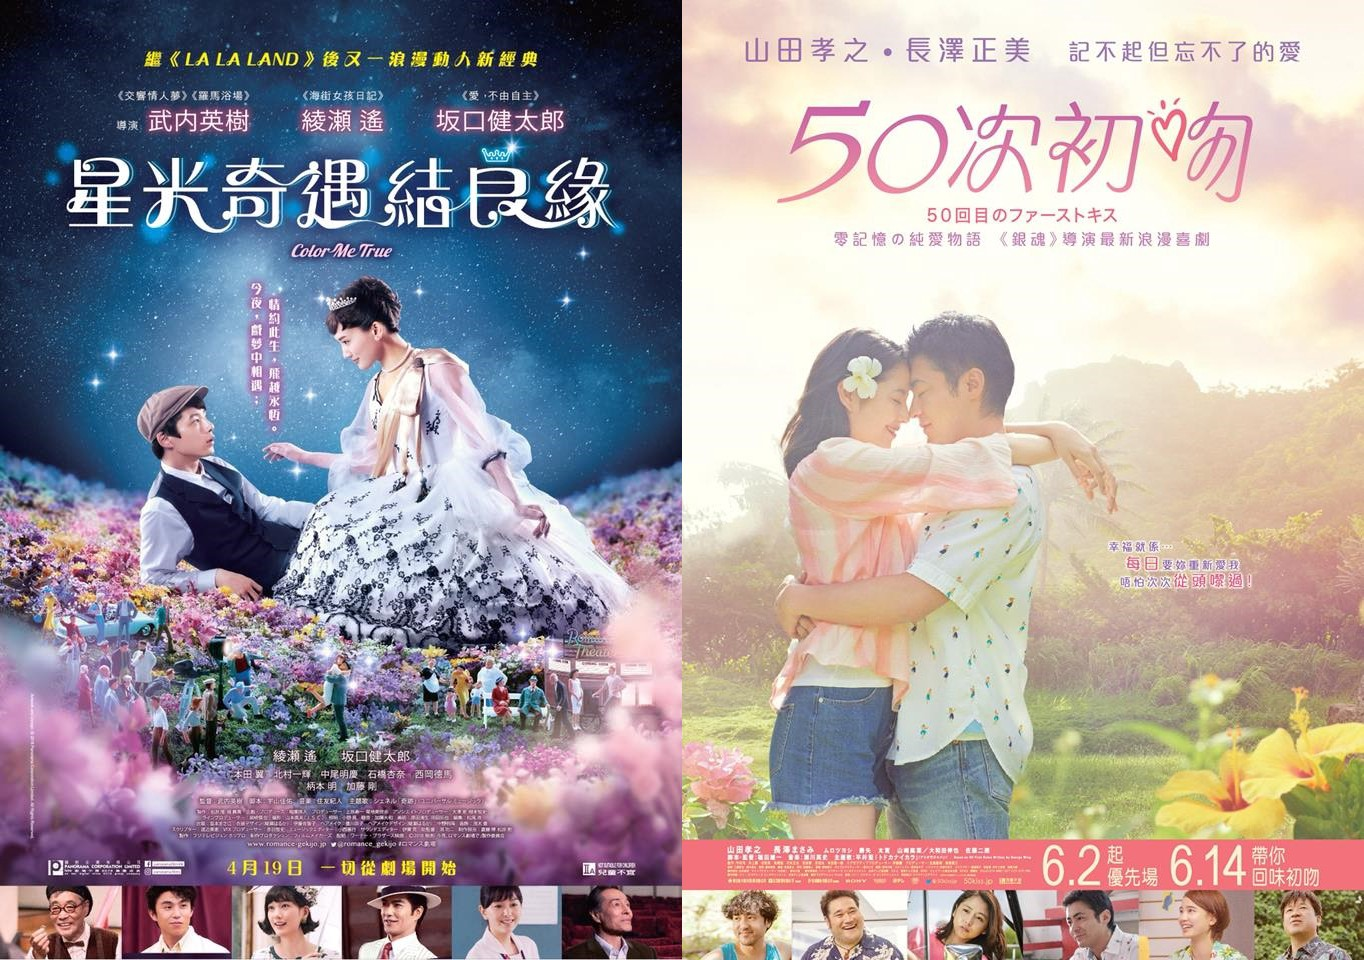 2018年上半年日本電影香港上映盤點 - 大福分站 - Medium